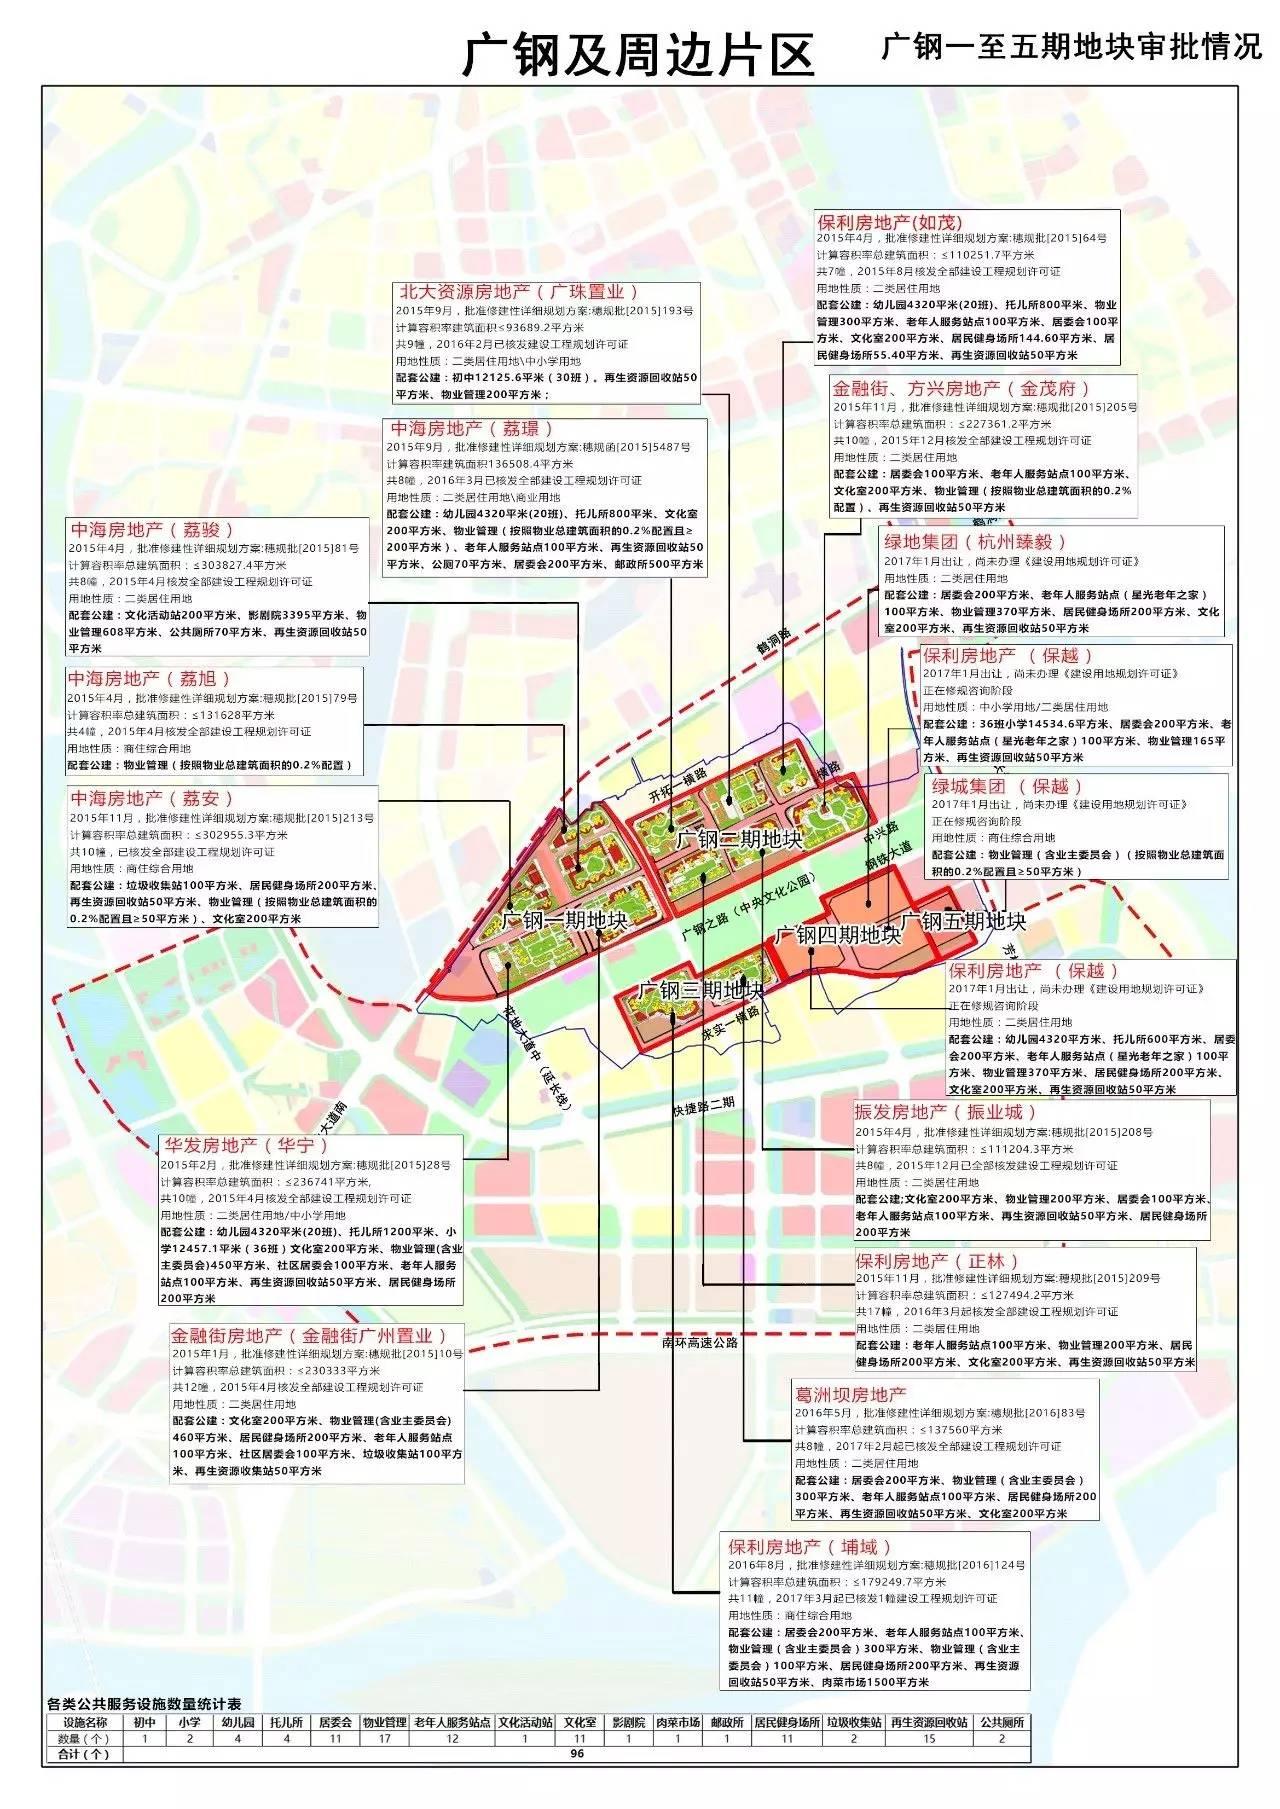 广钢新城今年迎第一批住户,将配套3所高中5所初中9所小学